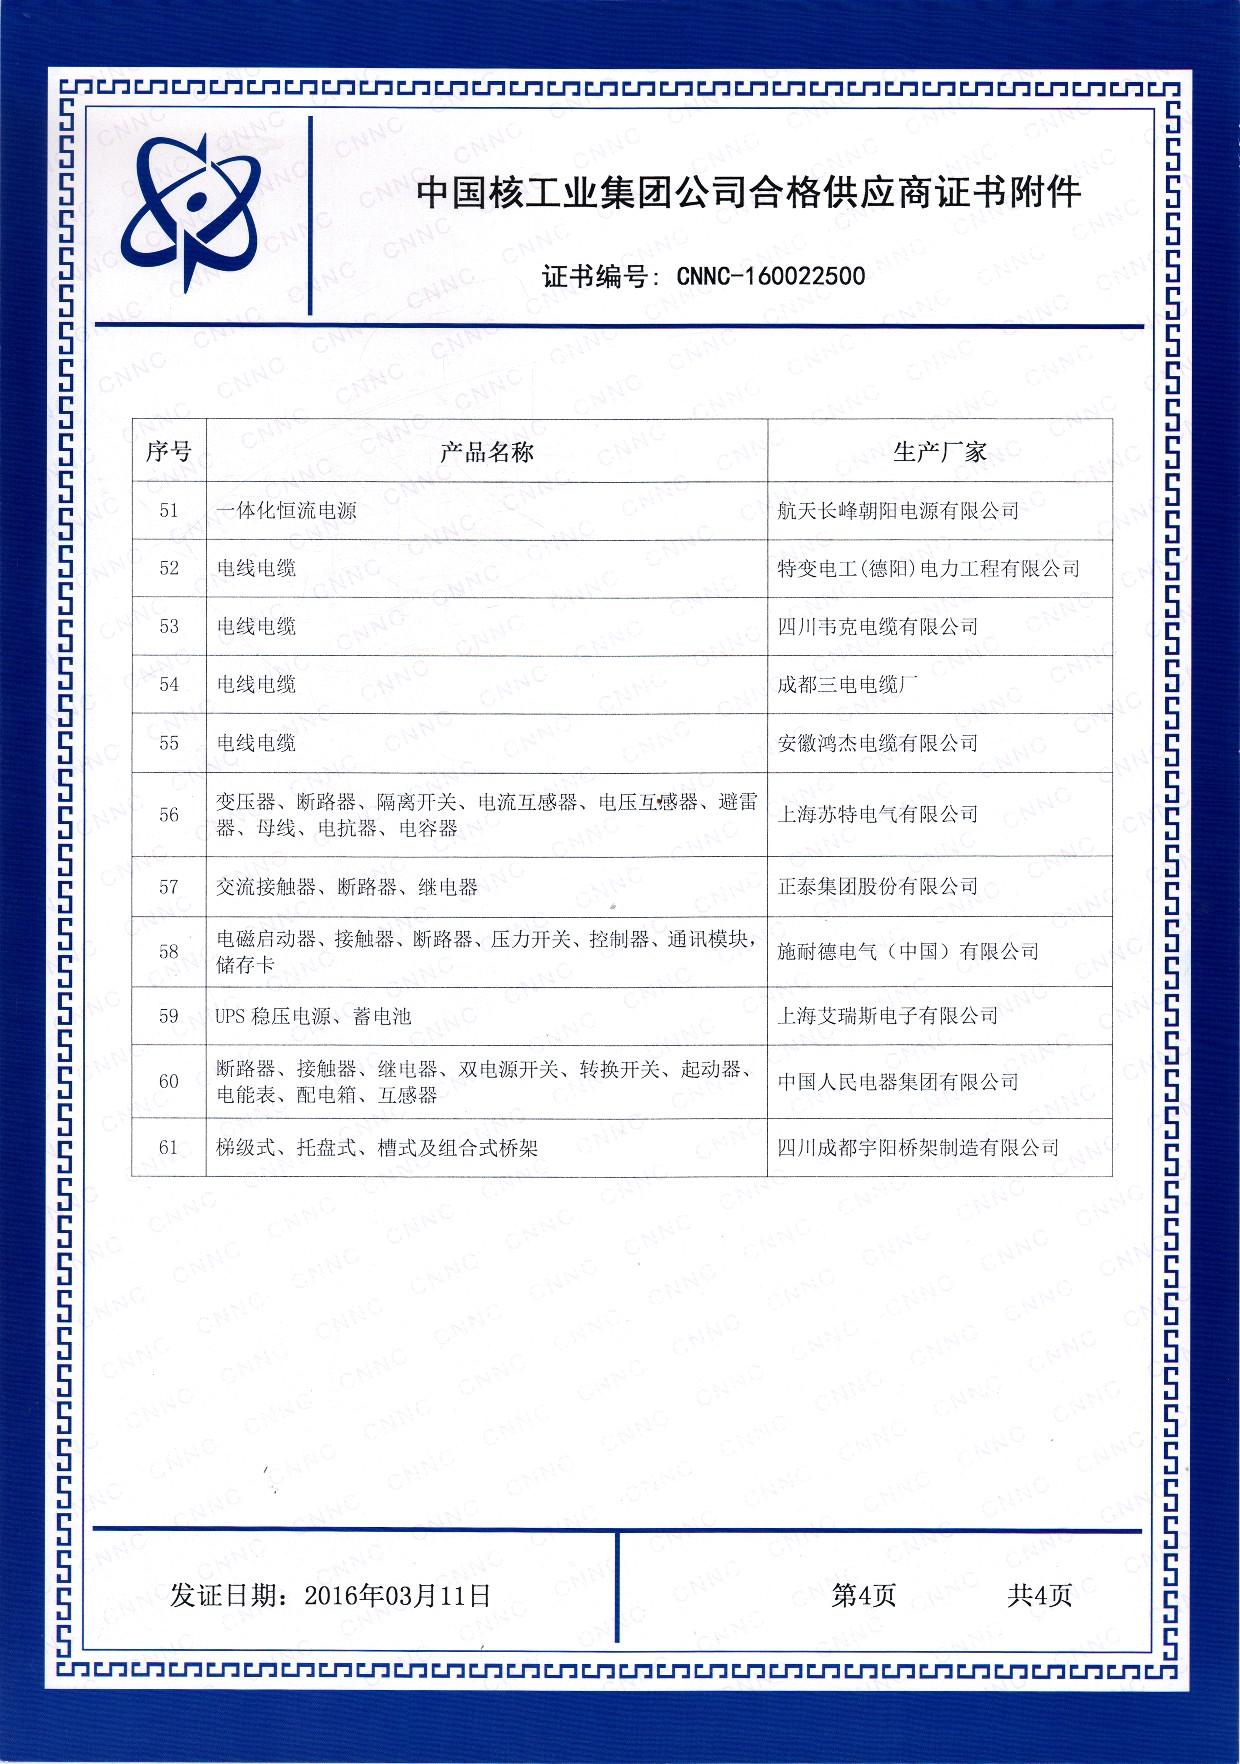 中国核工业集团供应商证书图片